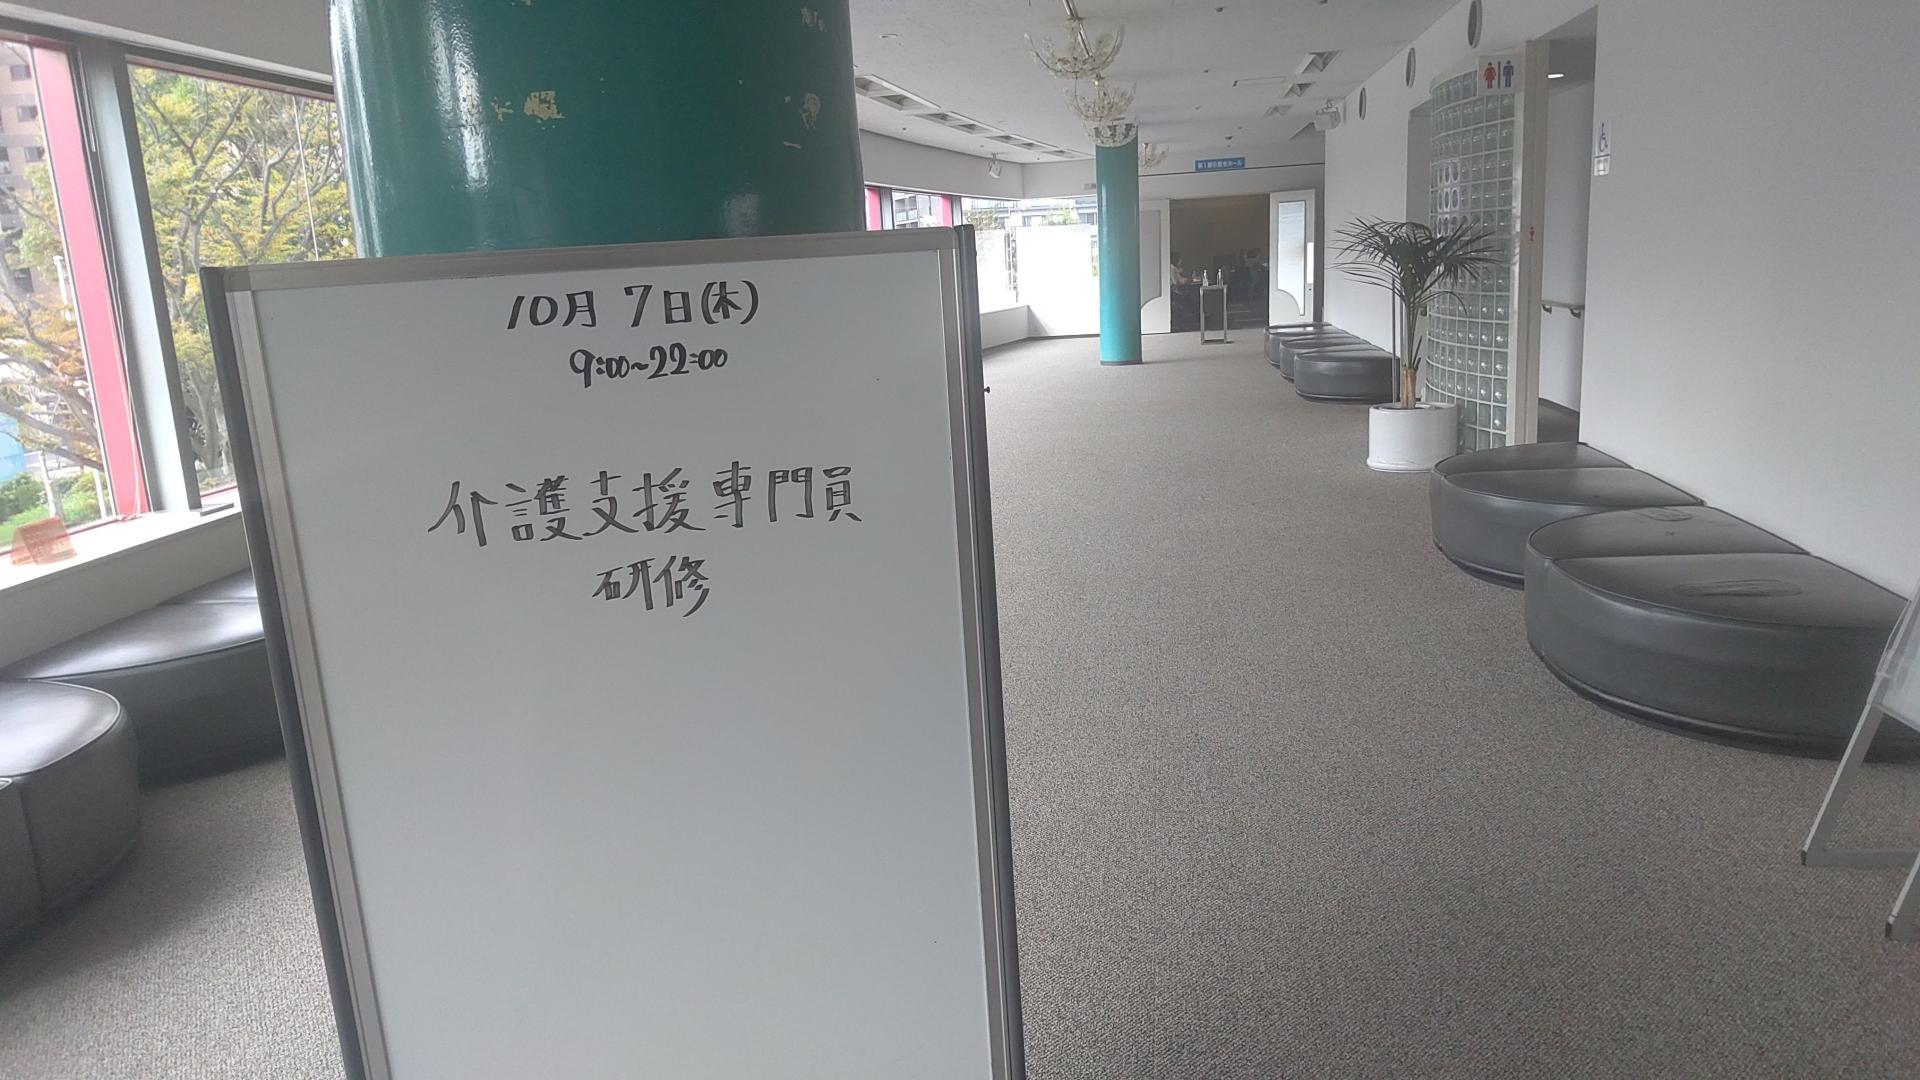 【  498  】 ケアマネ研修 専門Ⅰ 2日目終了です